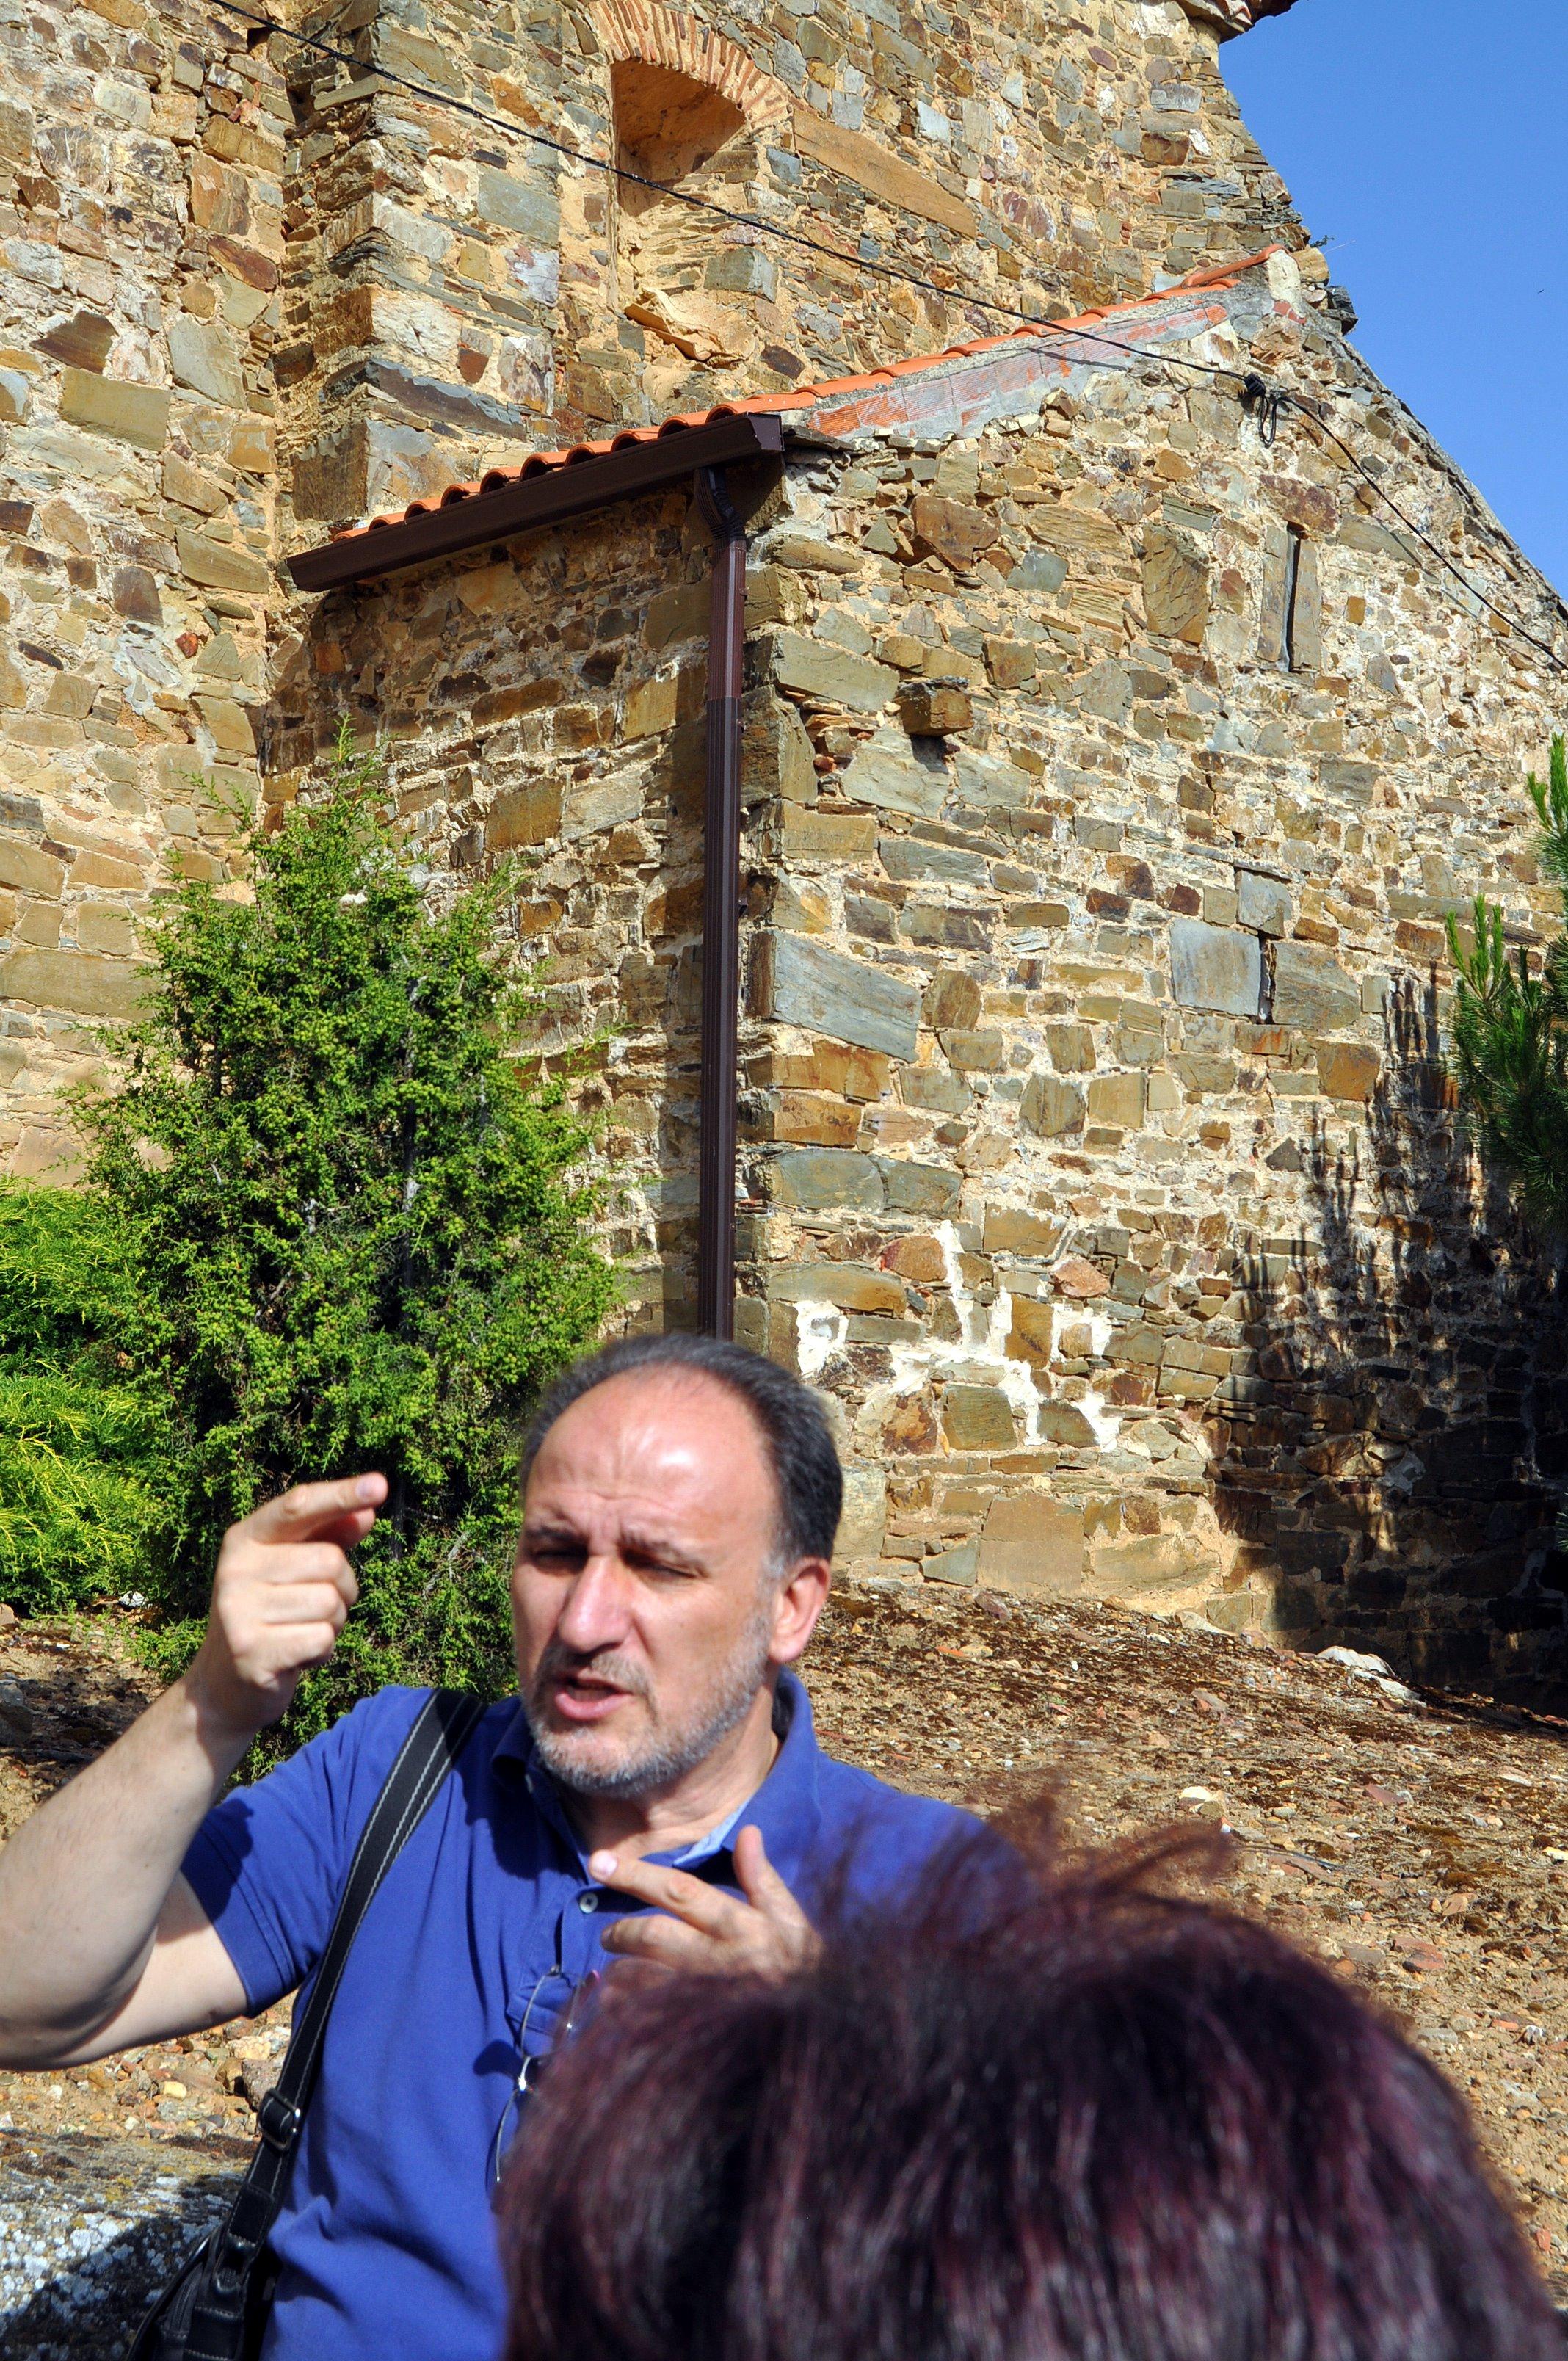 Javier Callado muestra e exterior del ábside prerrománico oculto en las iglesia de Jiménez de Jamuz